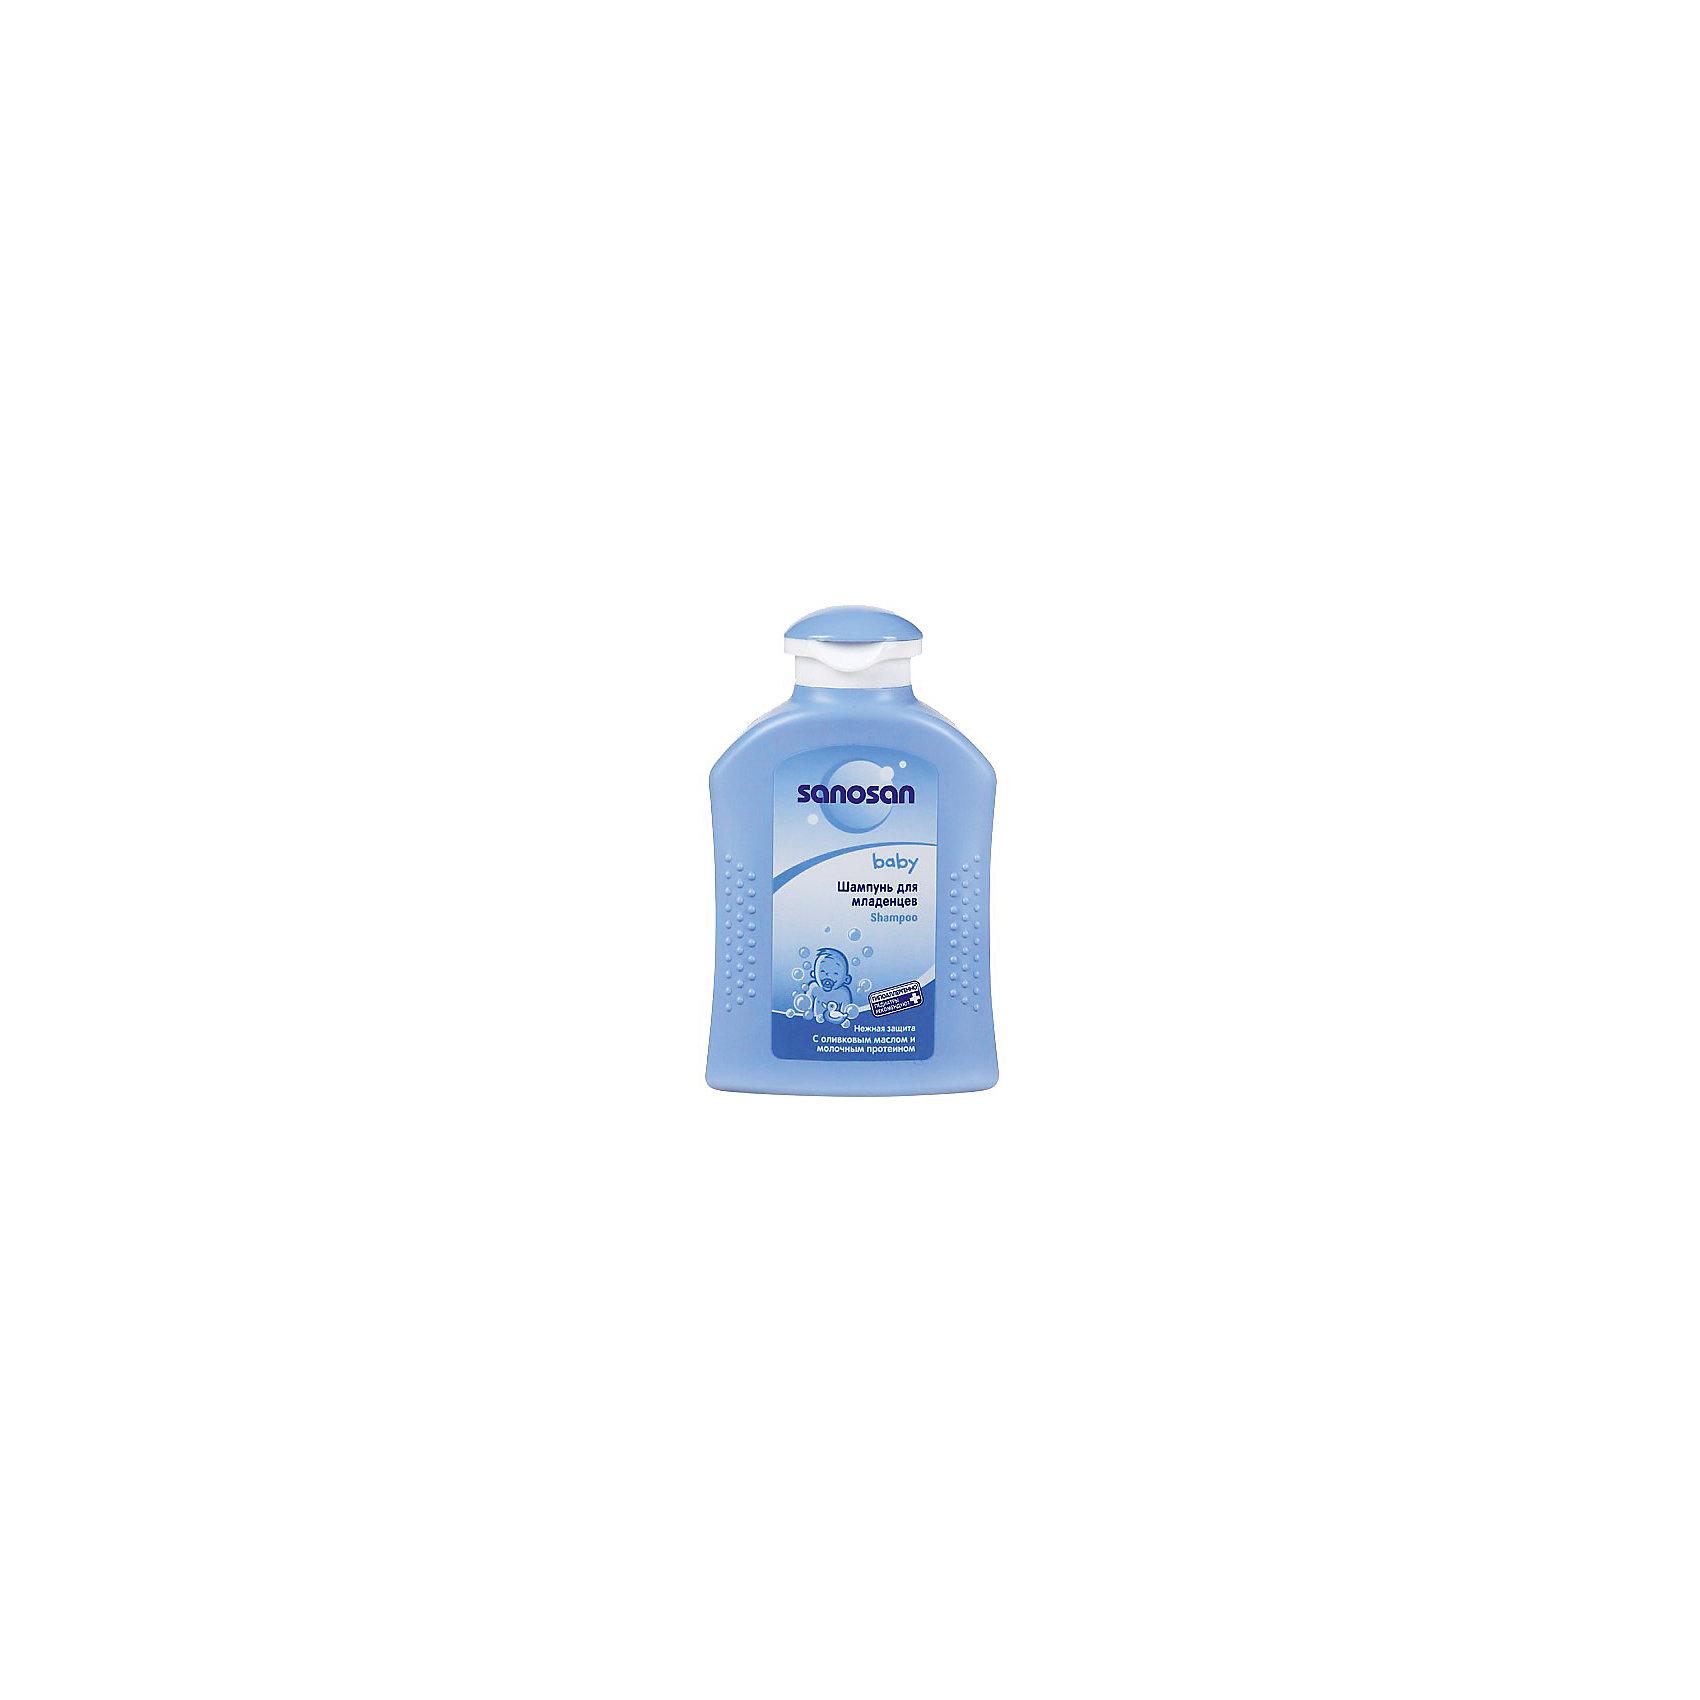 Шампунь для младенцев, Sanosan, 200 мл